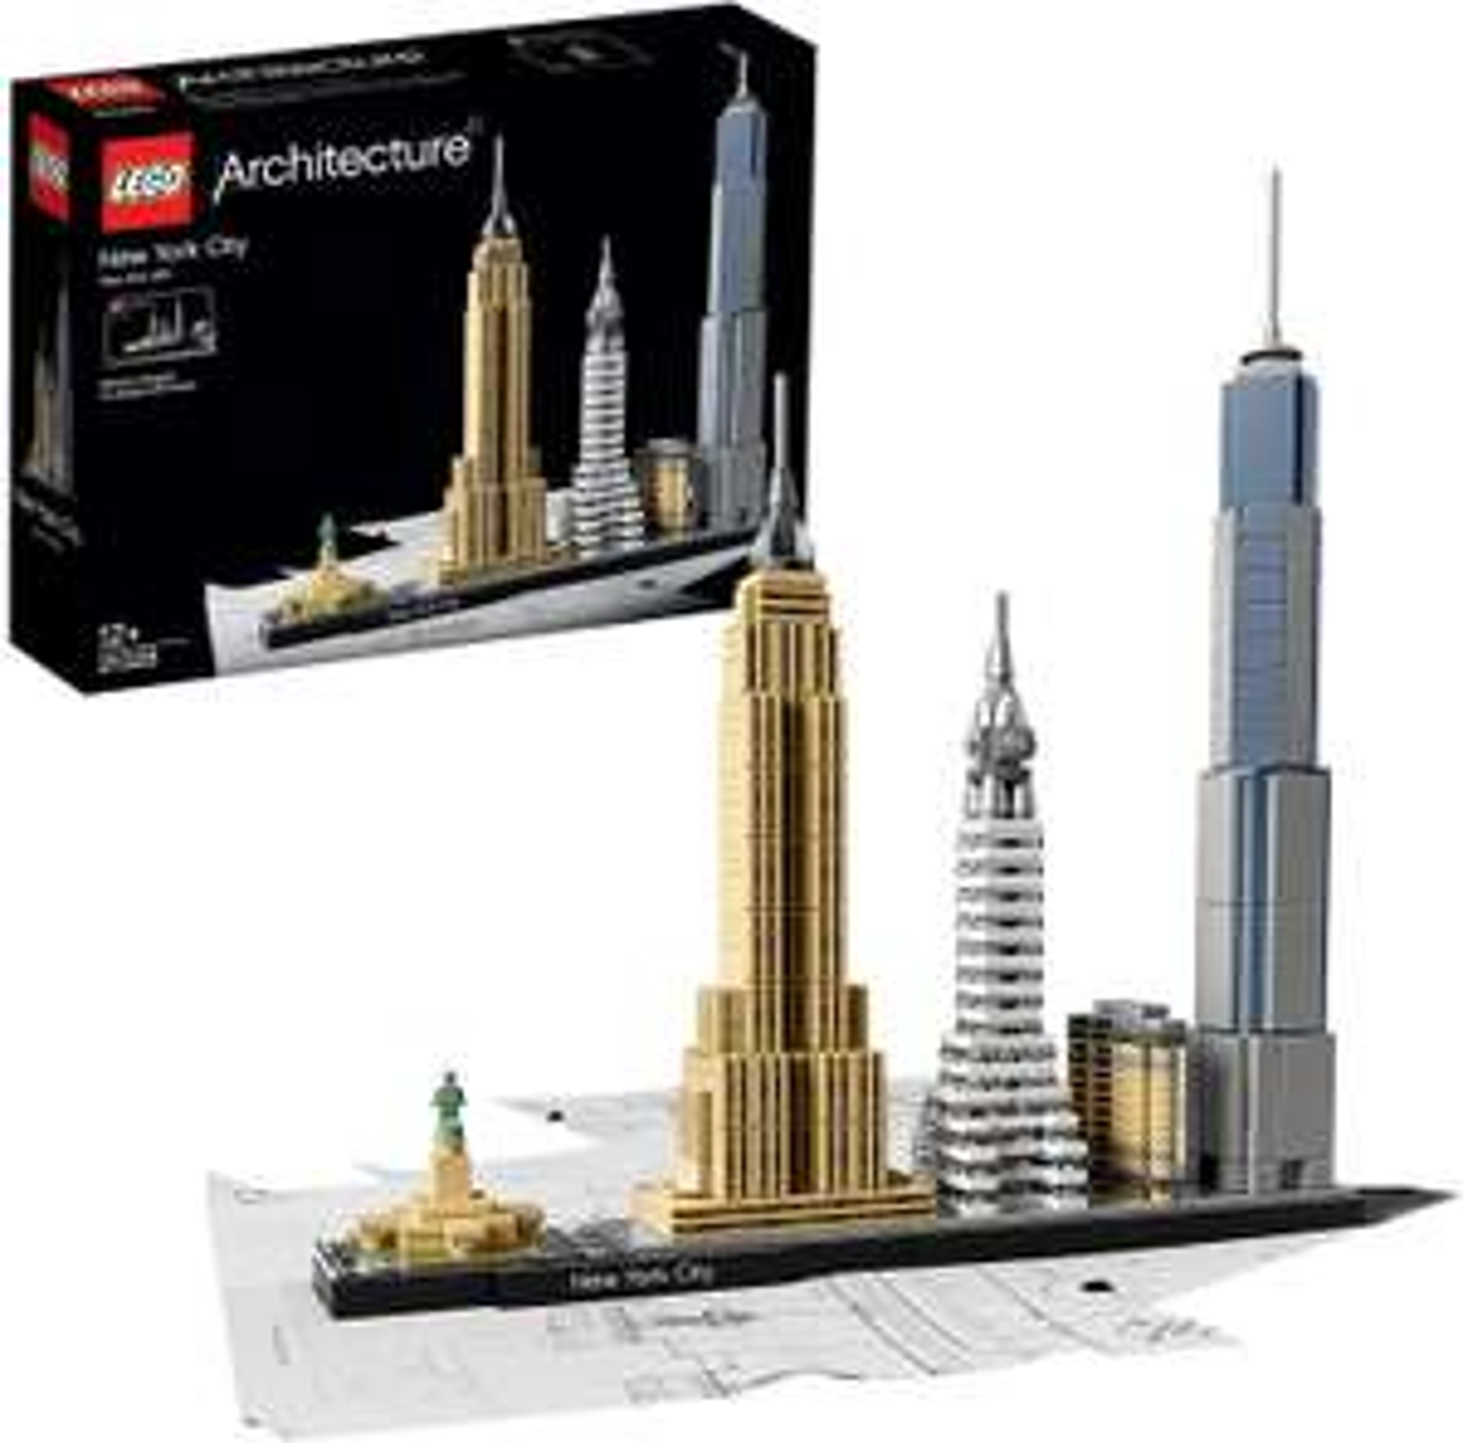 Lego Architecture Sammeldeal - New York City (21028) - Paris (21044) - Tokio (21051) [Primeday]